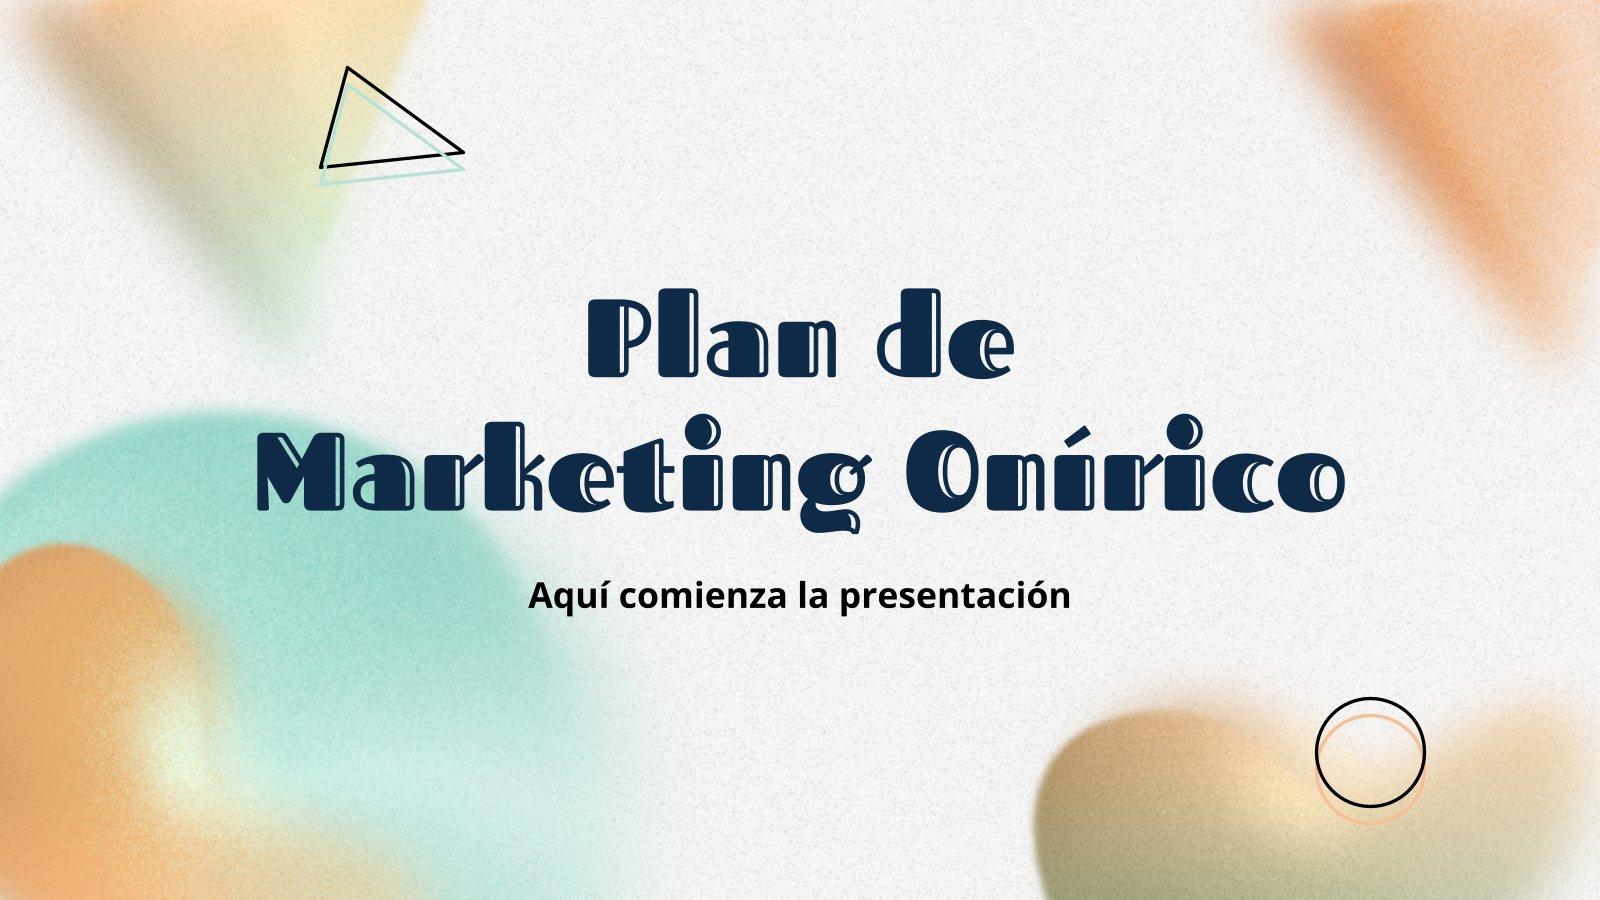 Plan marketing onirique : Modèles de présentation